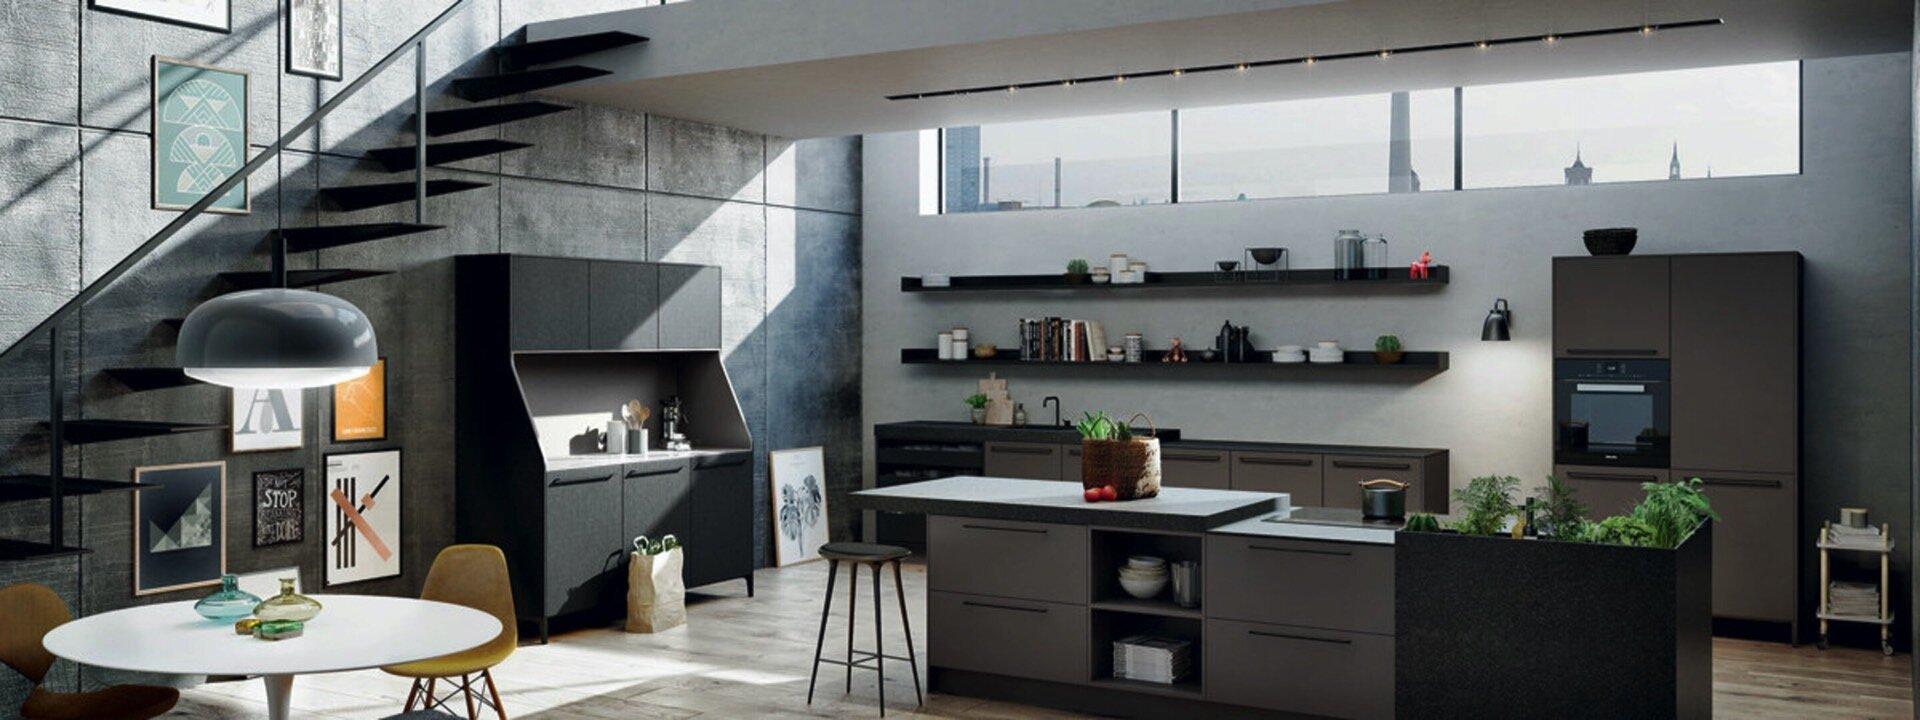 Industriële keuken Nieuwenhuis Keukens